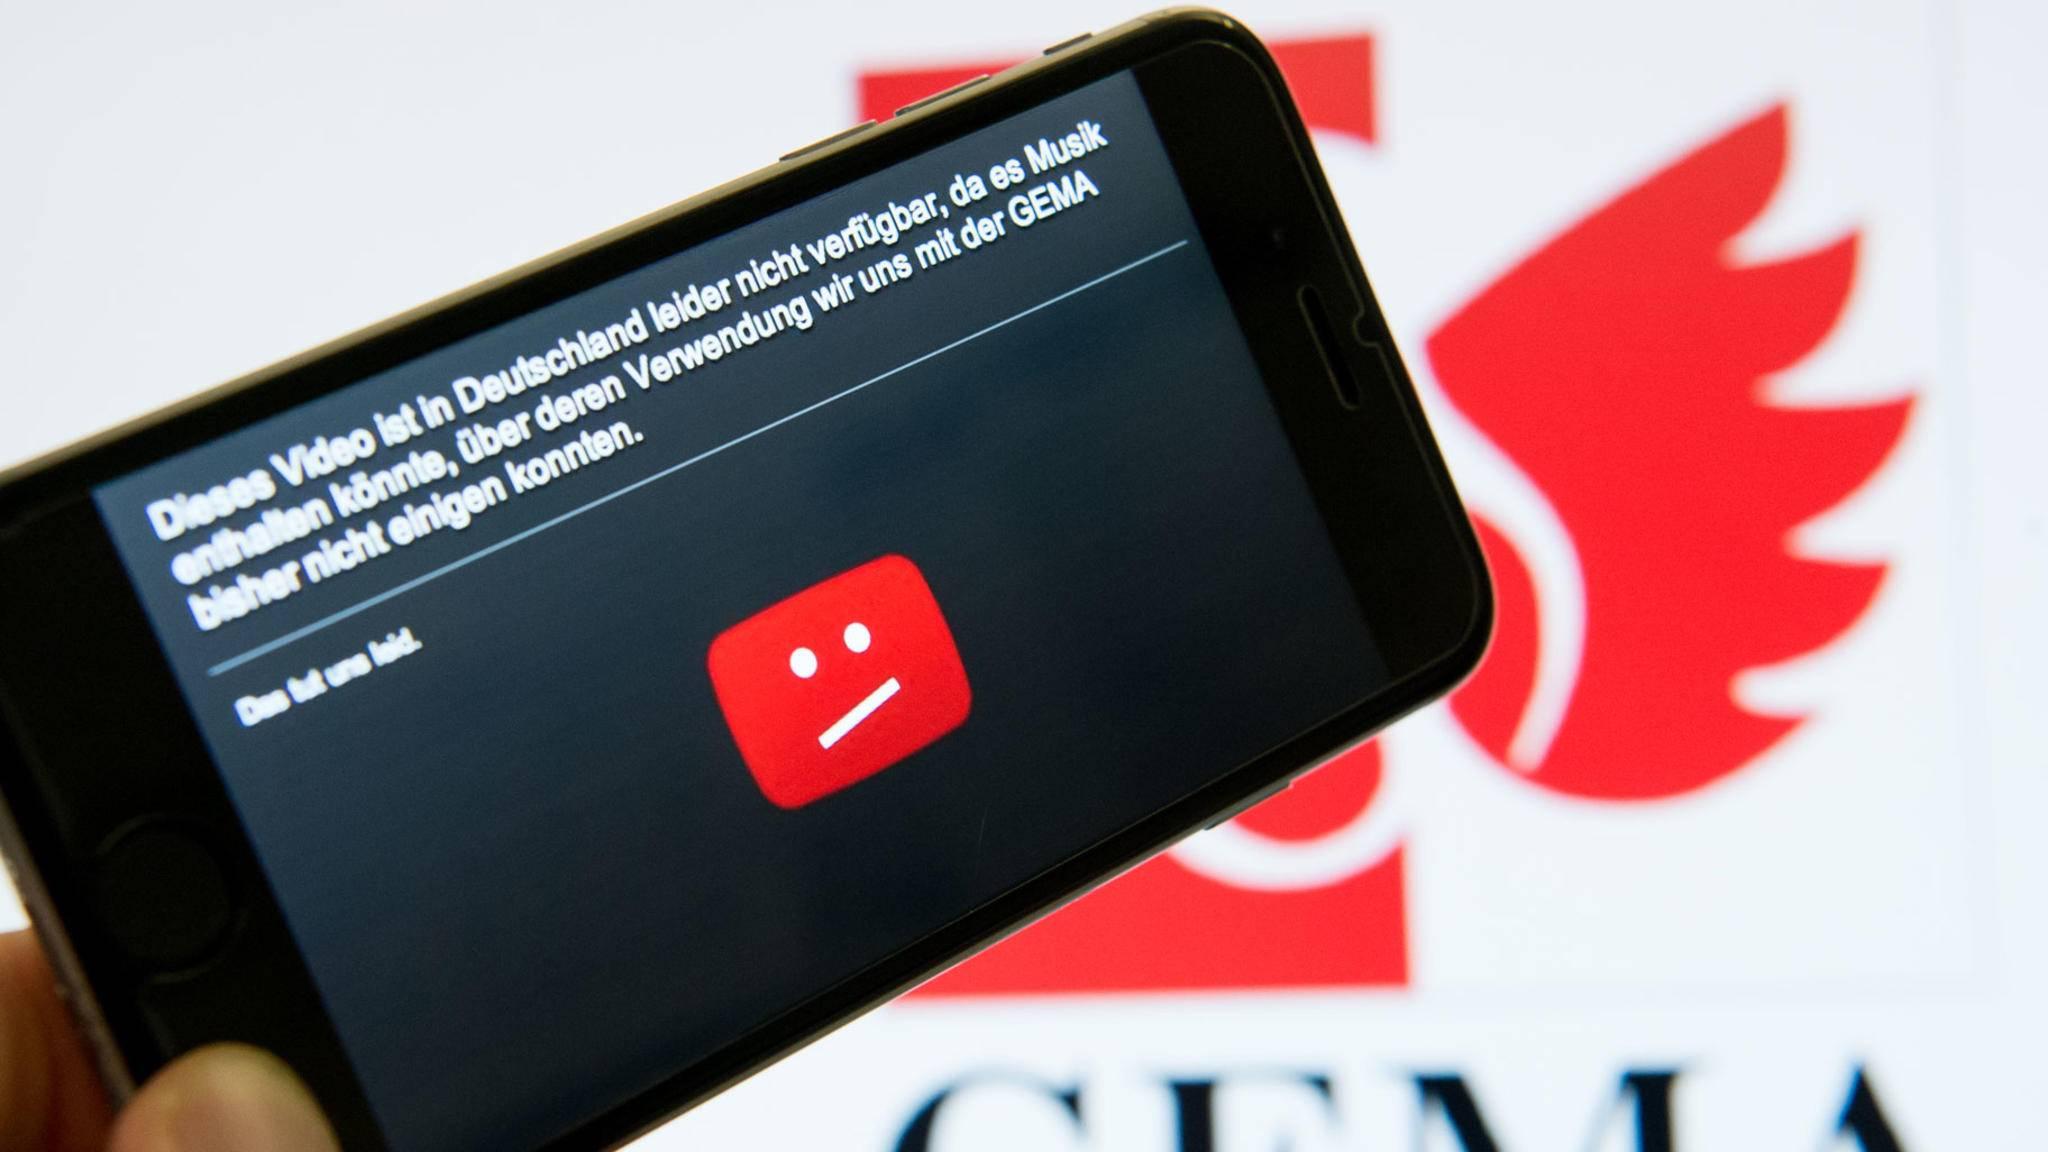 Inzwischen hat sich YouTube mit der Gema auf eineUrhebervergütung geeinigt.